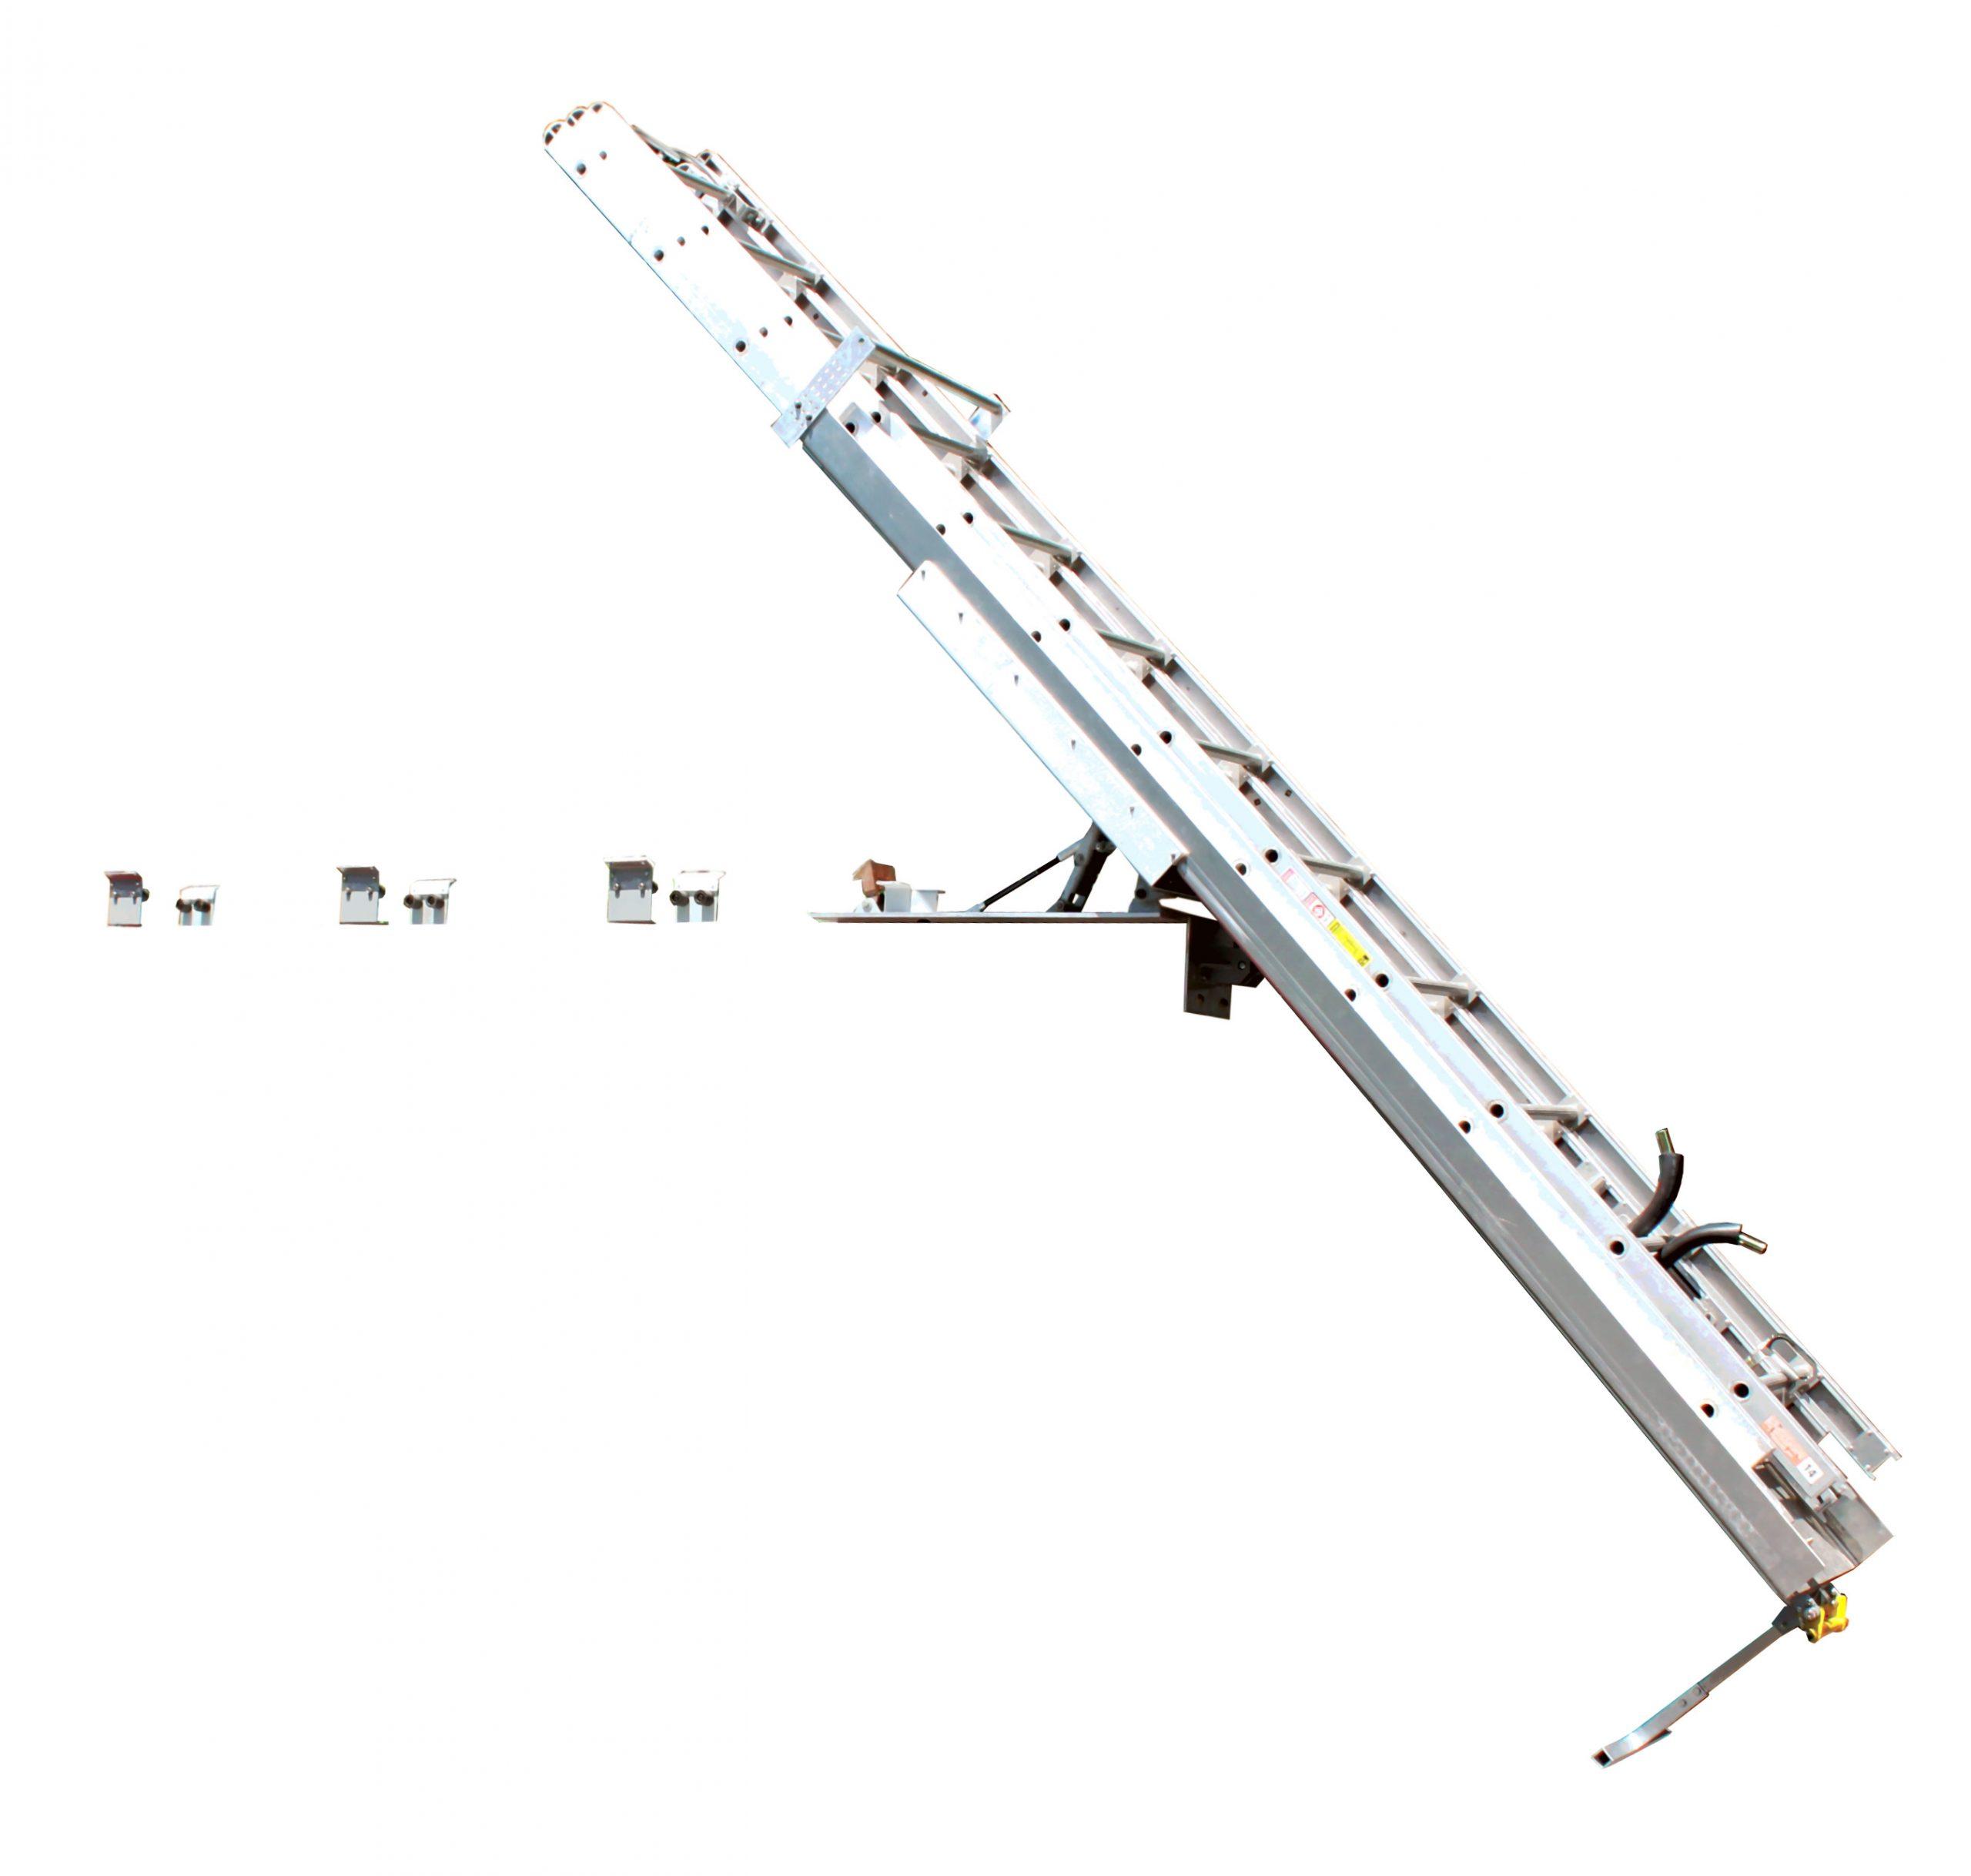 Slide-Out Ladder Gantry System